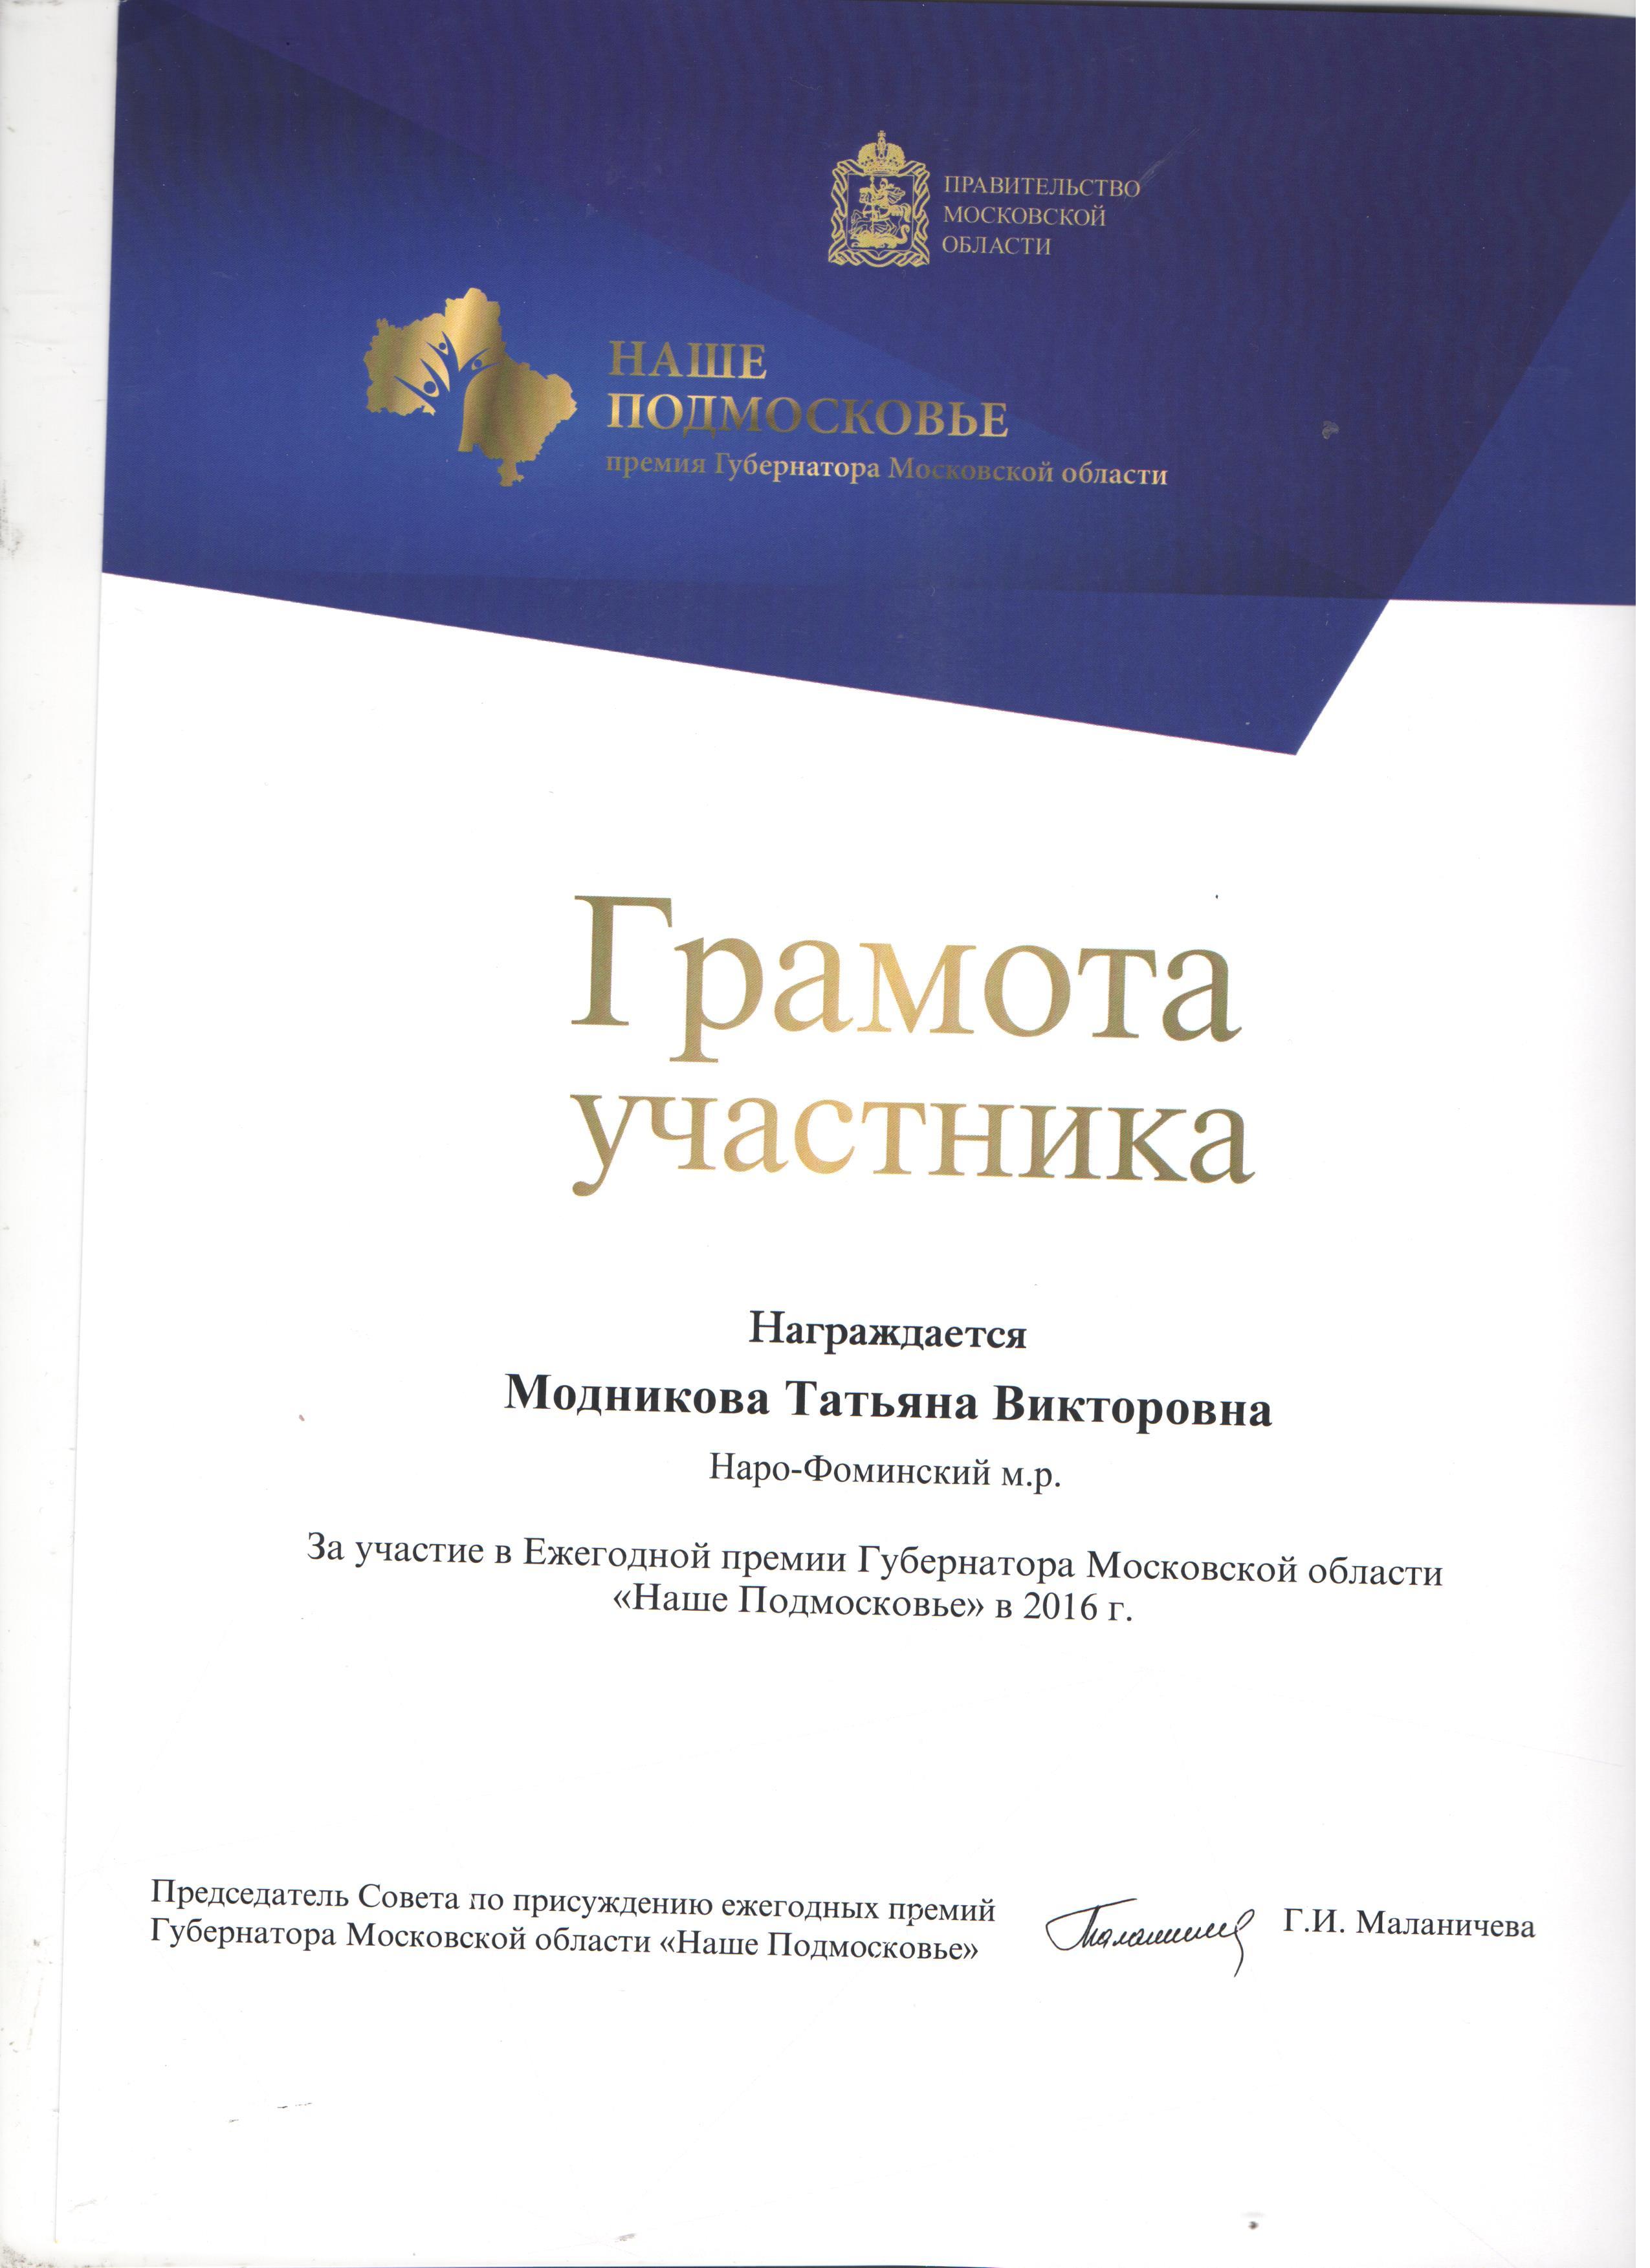 Модникова Татьяна Викторовна